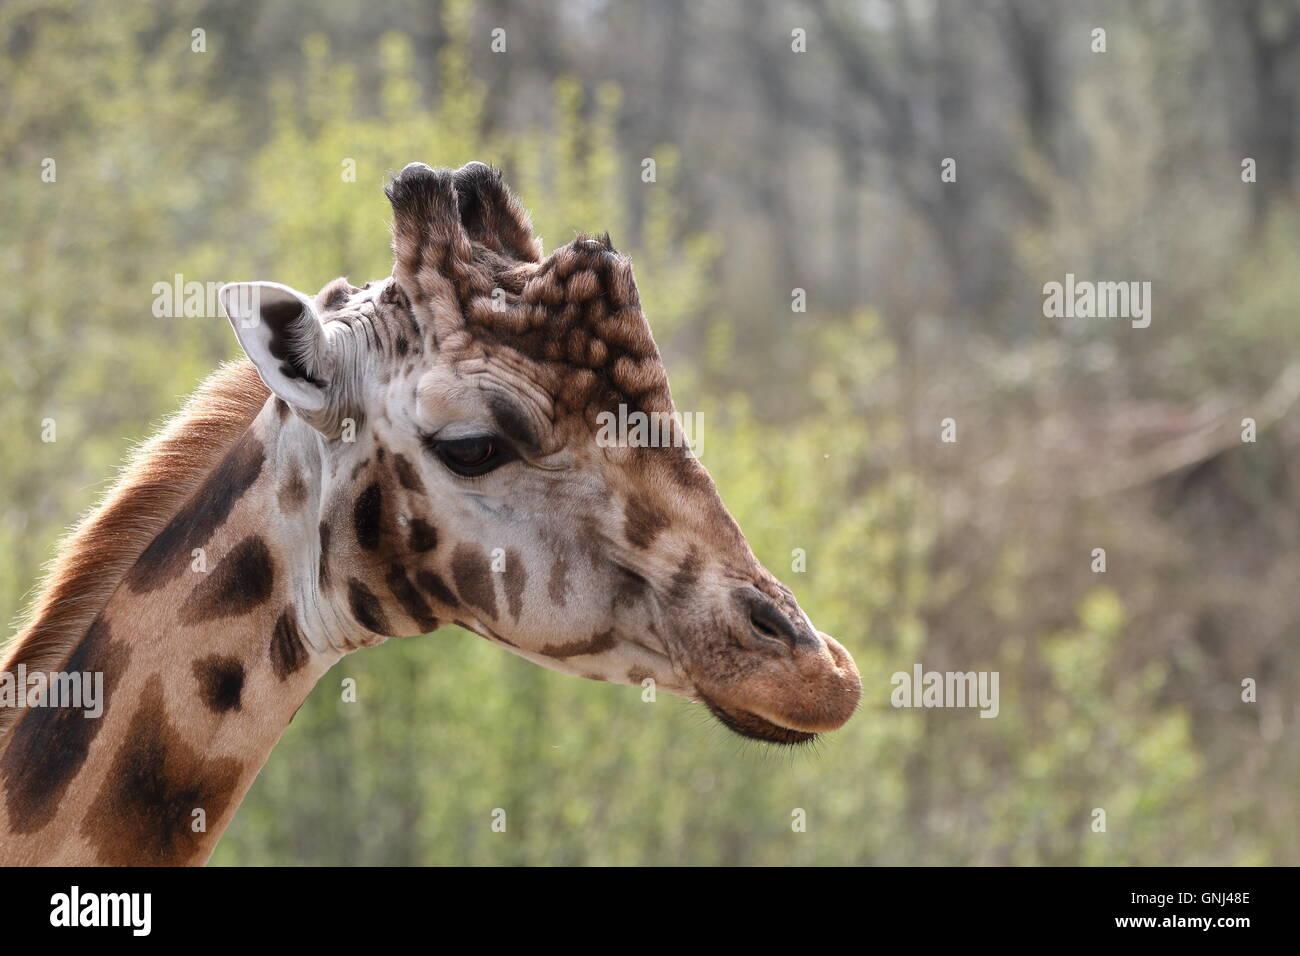 Ein Foto des Kopfes einer jungen männlichen Giraffe (Giraffa Plancius) von der Seite mit einem unscharfen Hintergrund Stockbild